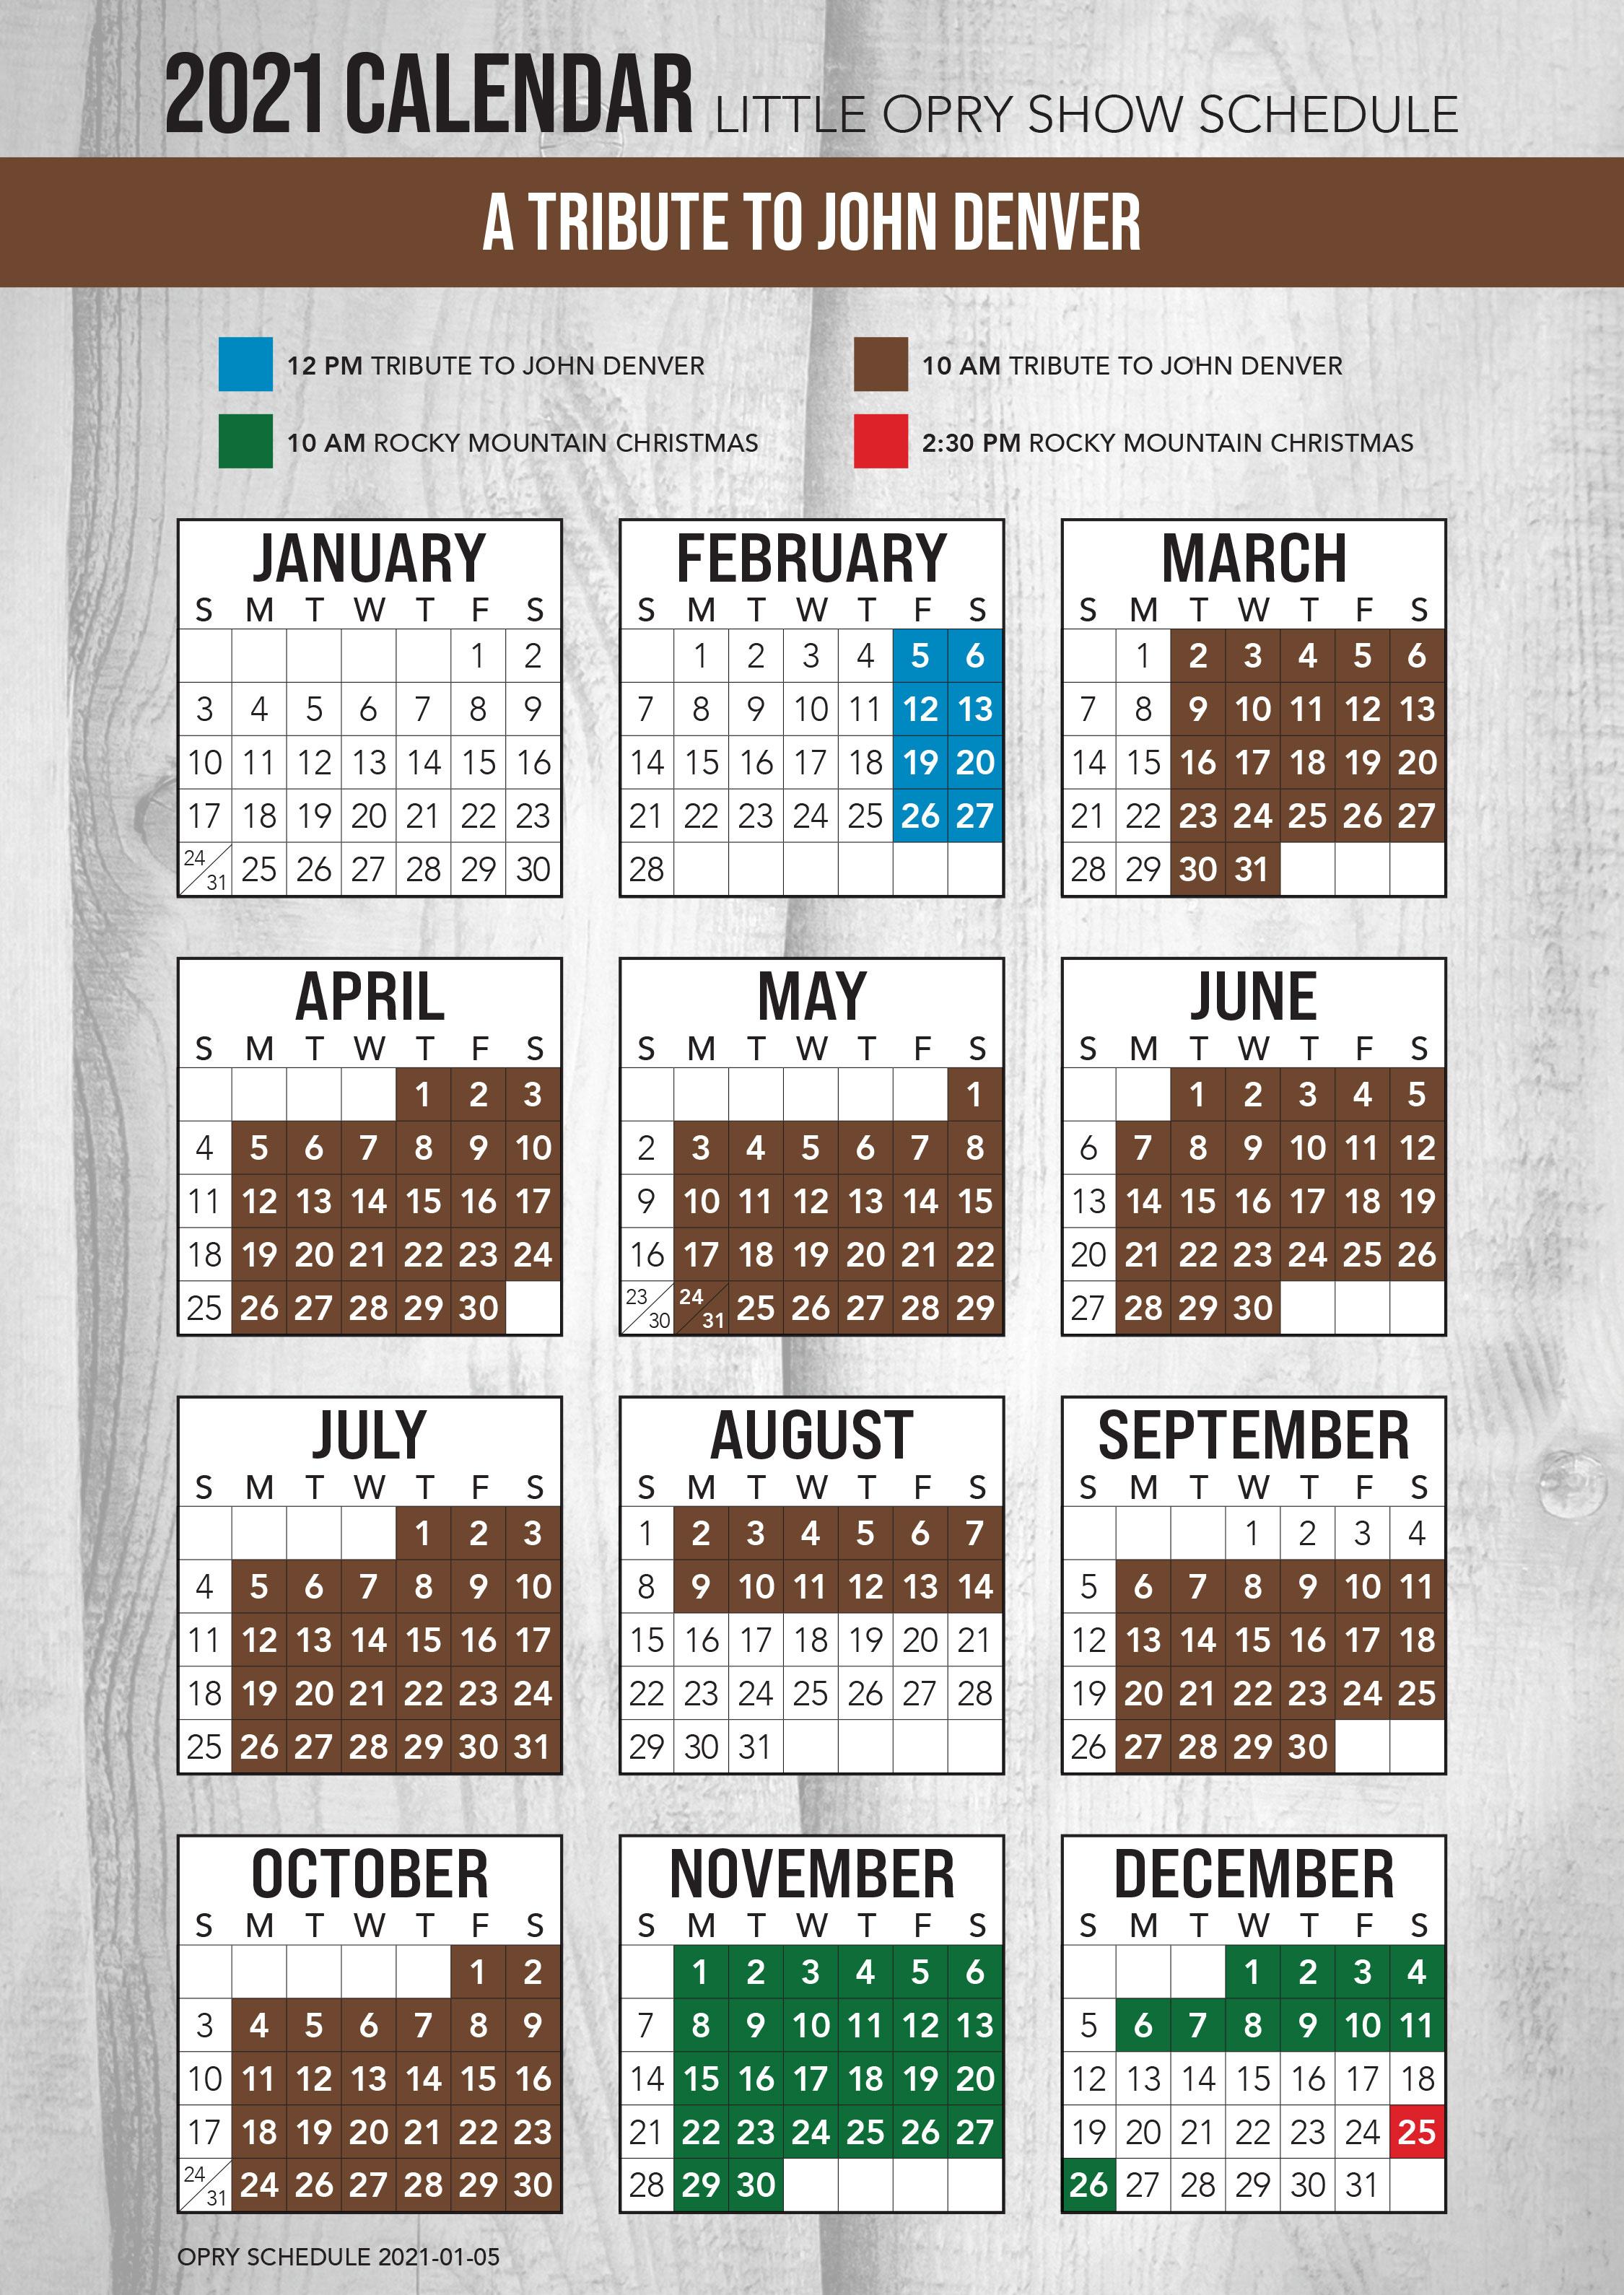 A Tribute to John Denver 2021 Schedule